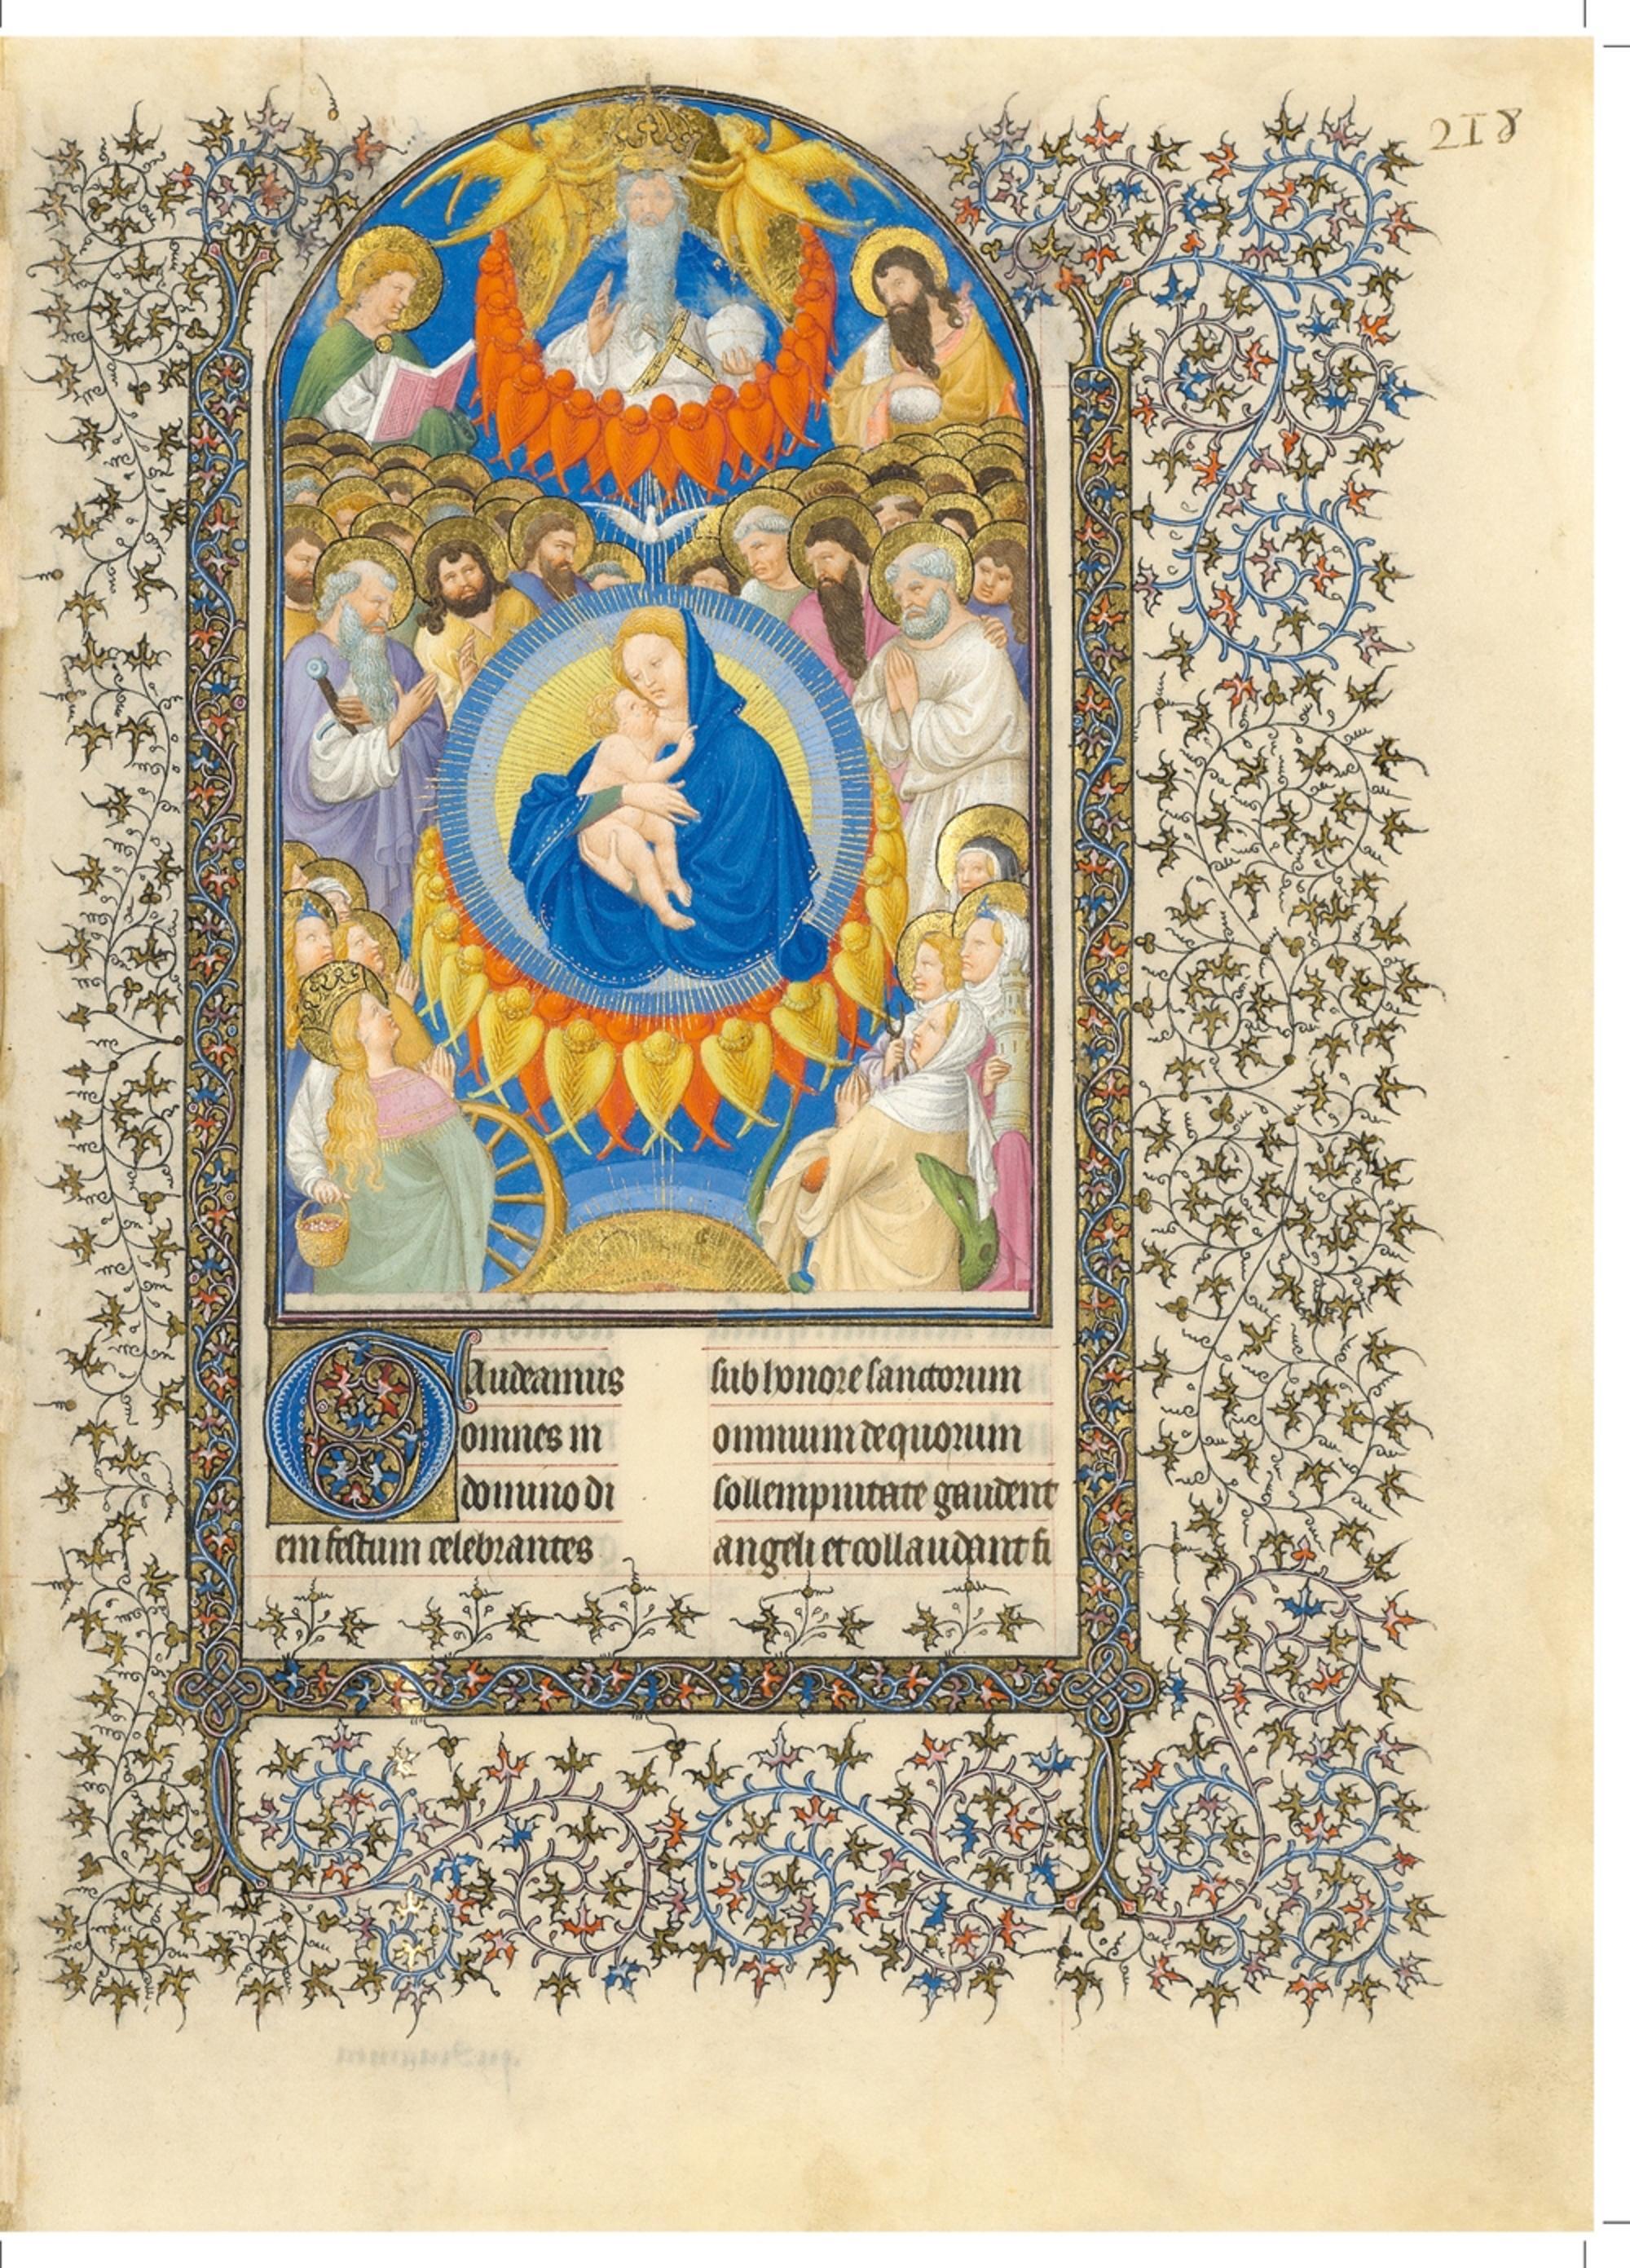 http://blog.metmuseum.org/artofillumination/images/BH_Lg13V_218r.EL.JPG